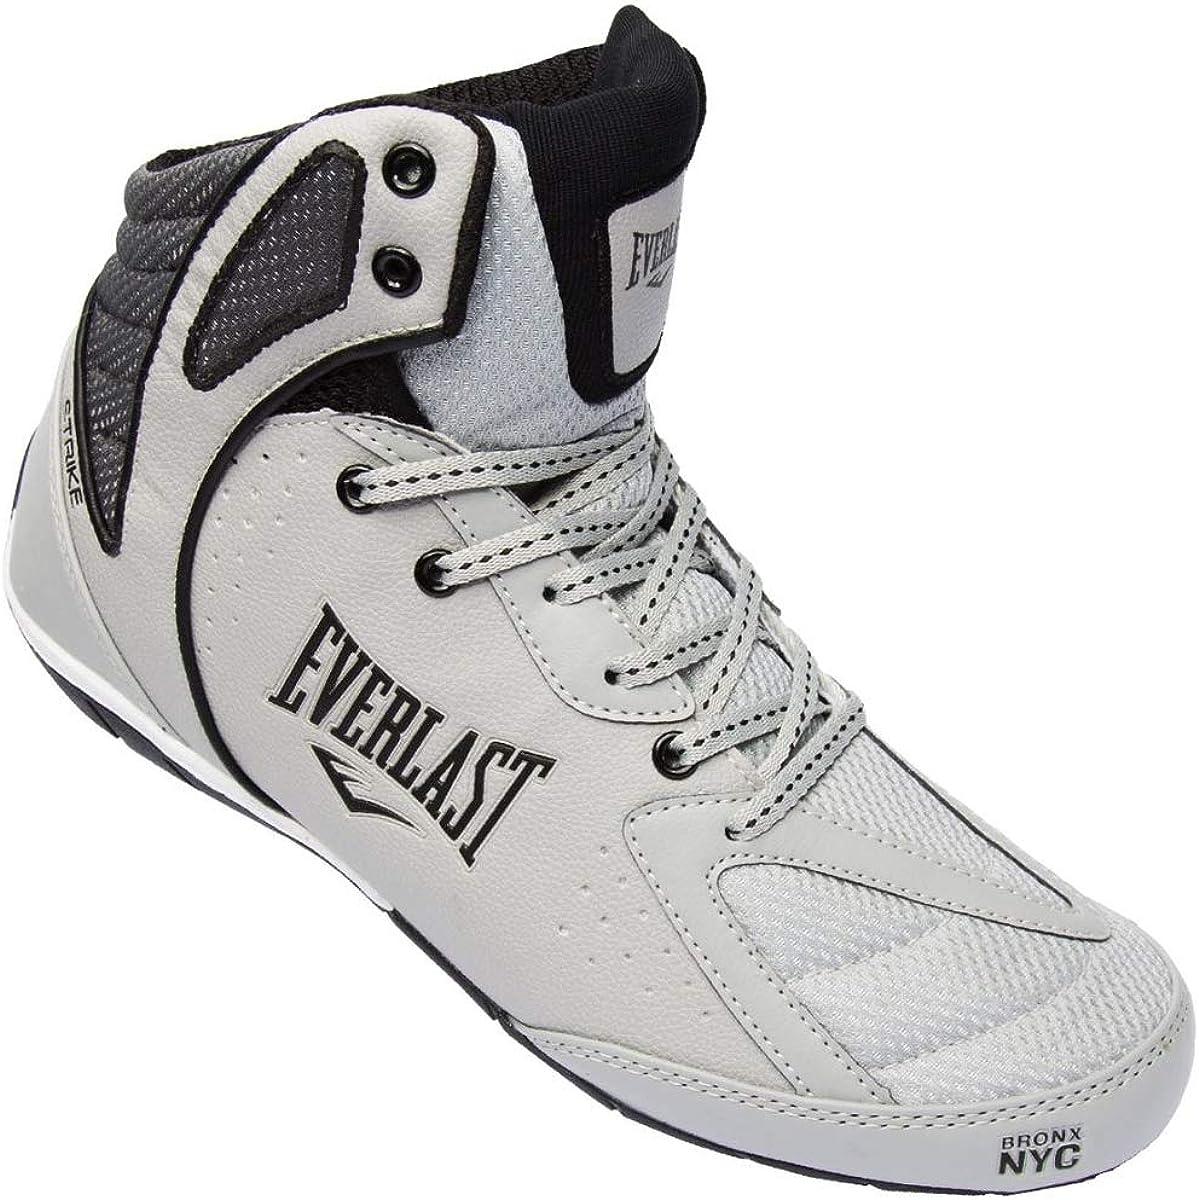 Everlast P00001078, Zapatos de Boxeo Unisex Adulto: Amazon.es: Deportes y aire libre